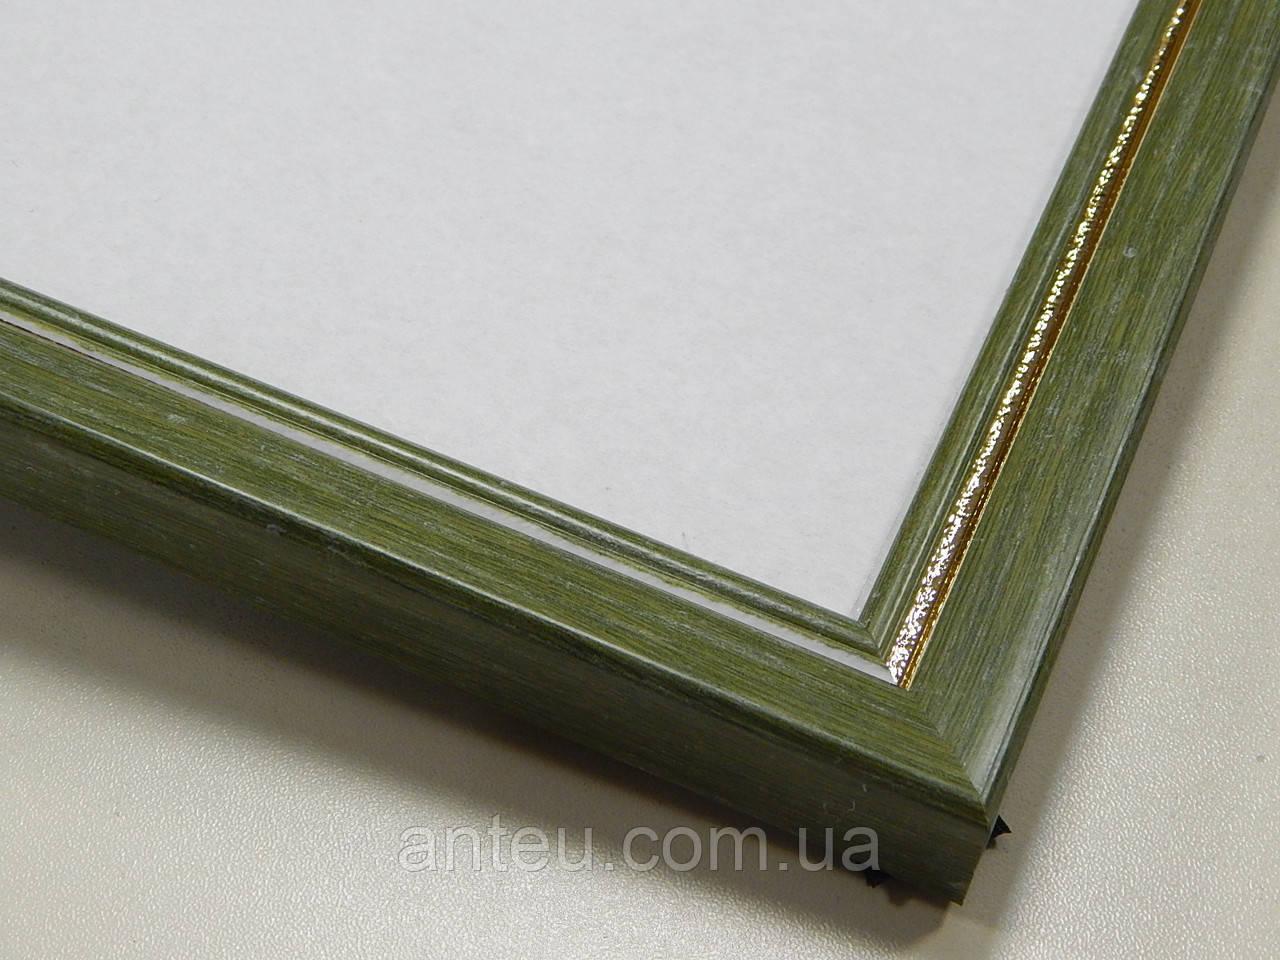 Рамка А4 (297х210).Рамка пластиковая 22 мм.Зеленый с серебрянной окантовкой.